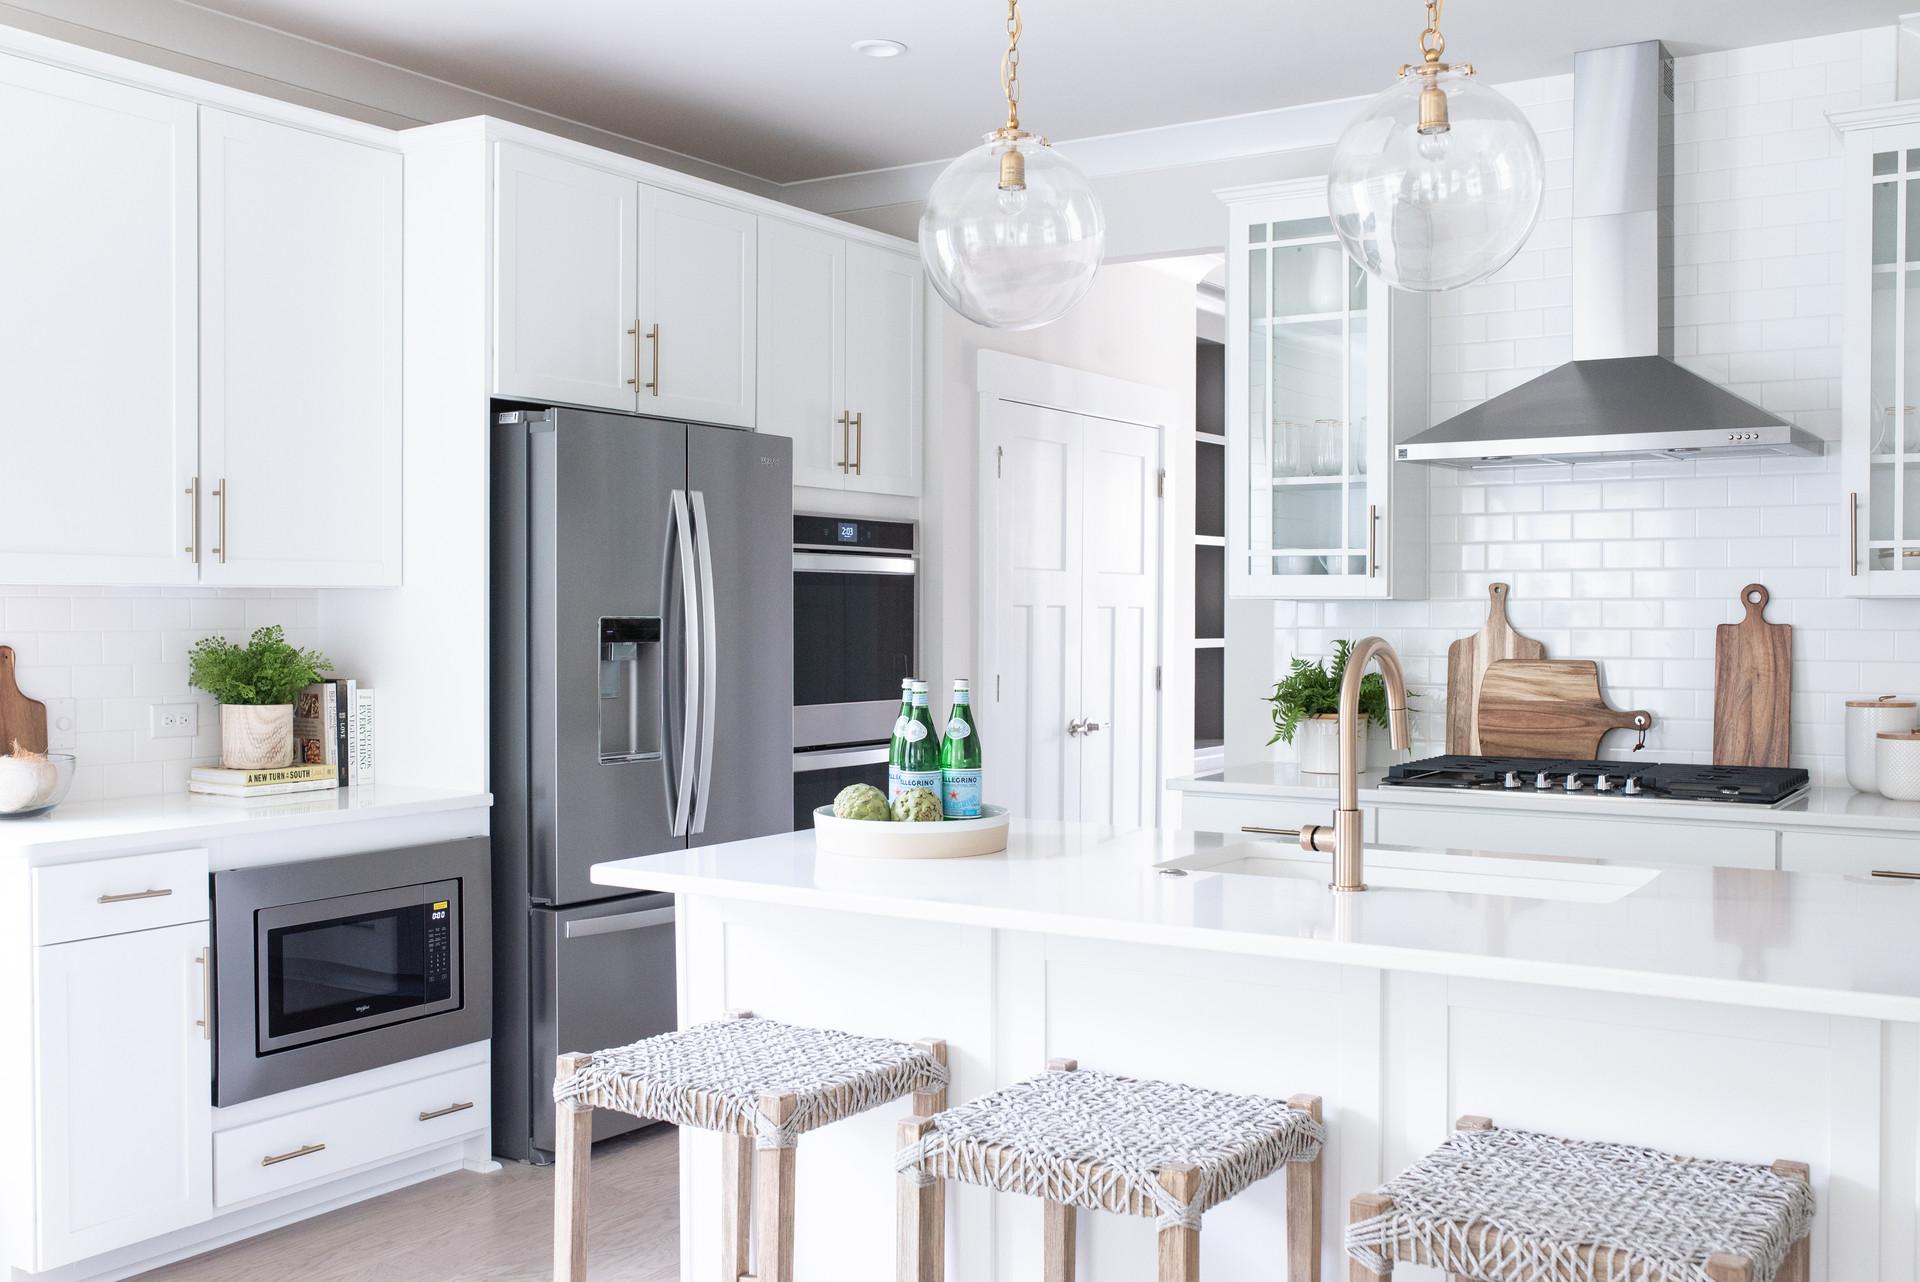 Perch-DI-Home-Kitchen-35.jpg